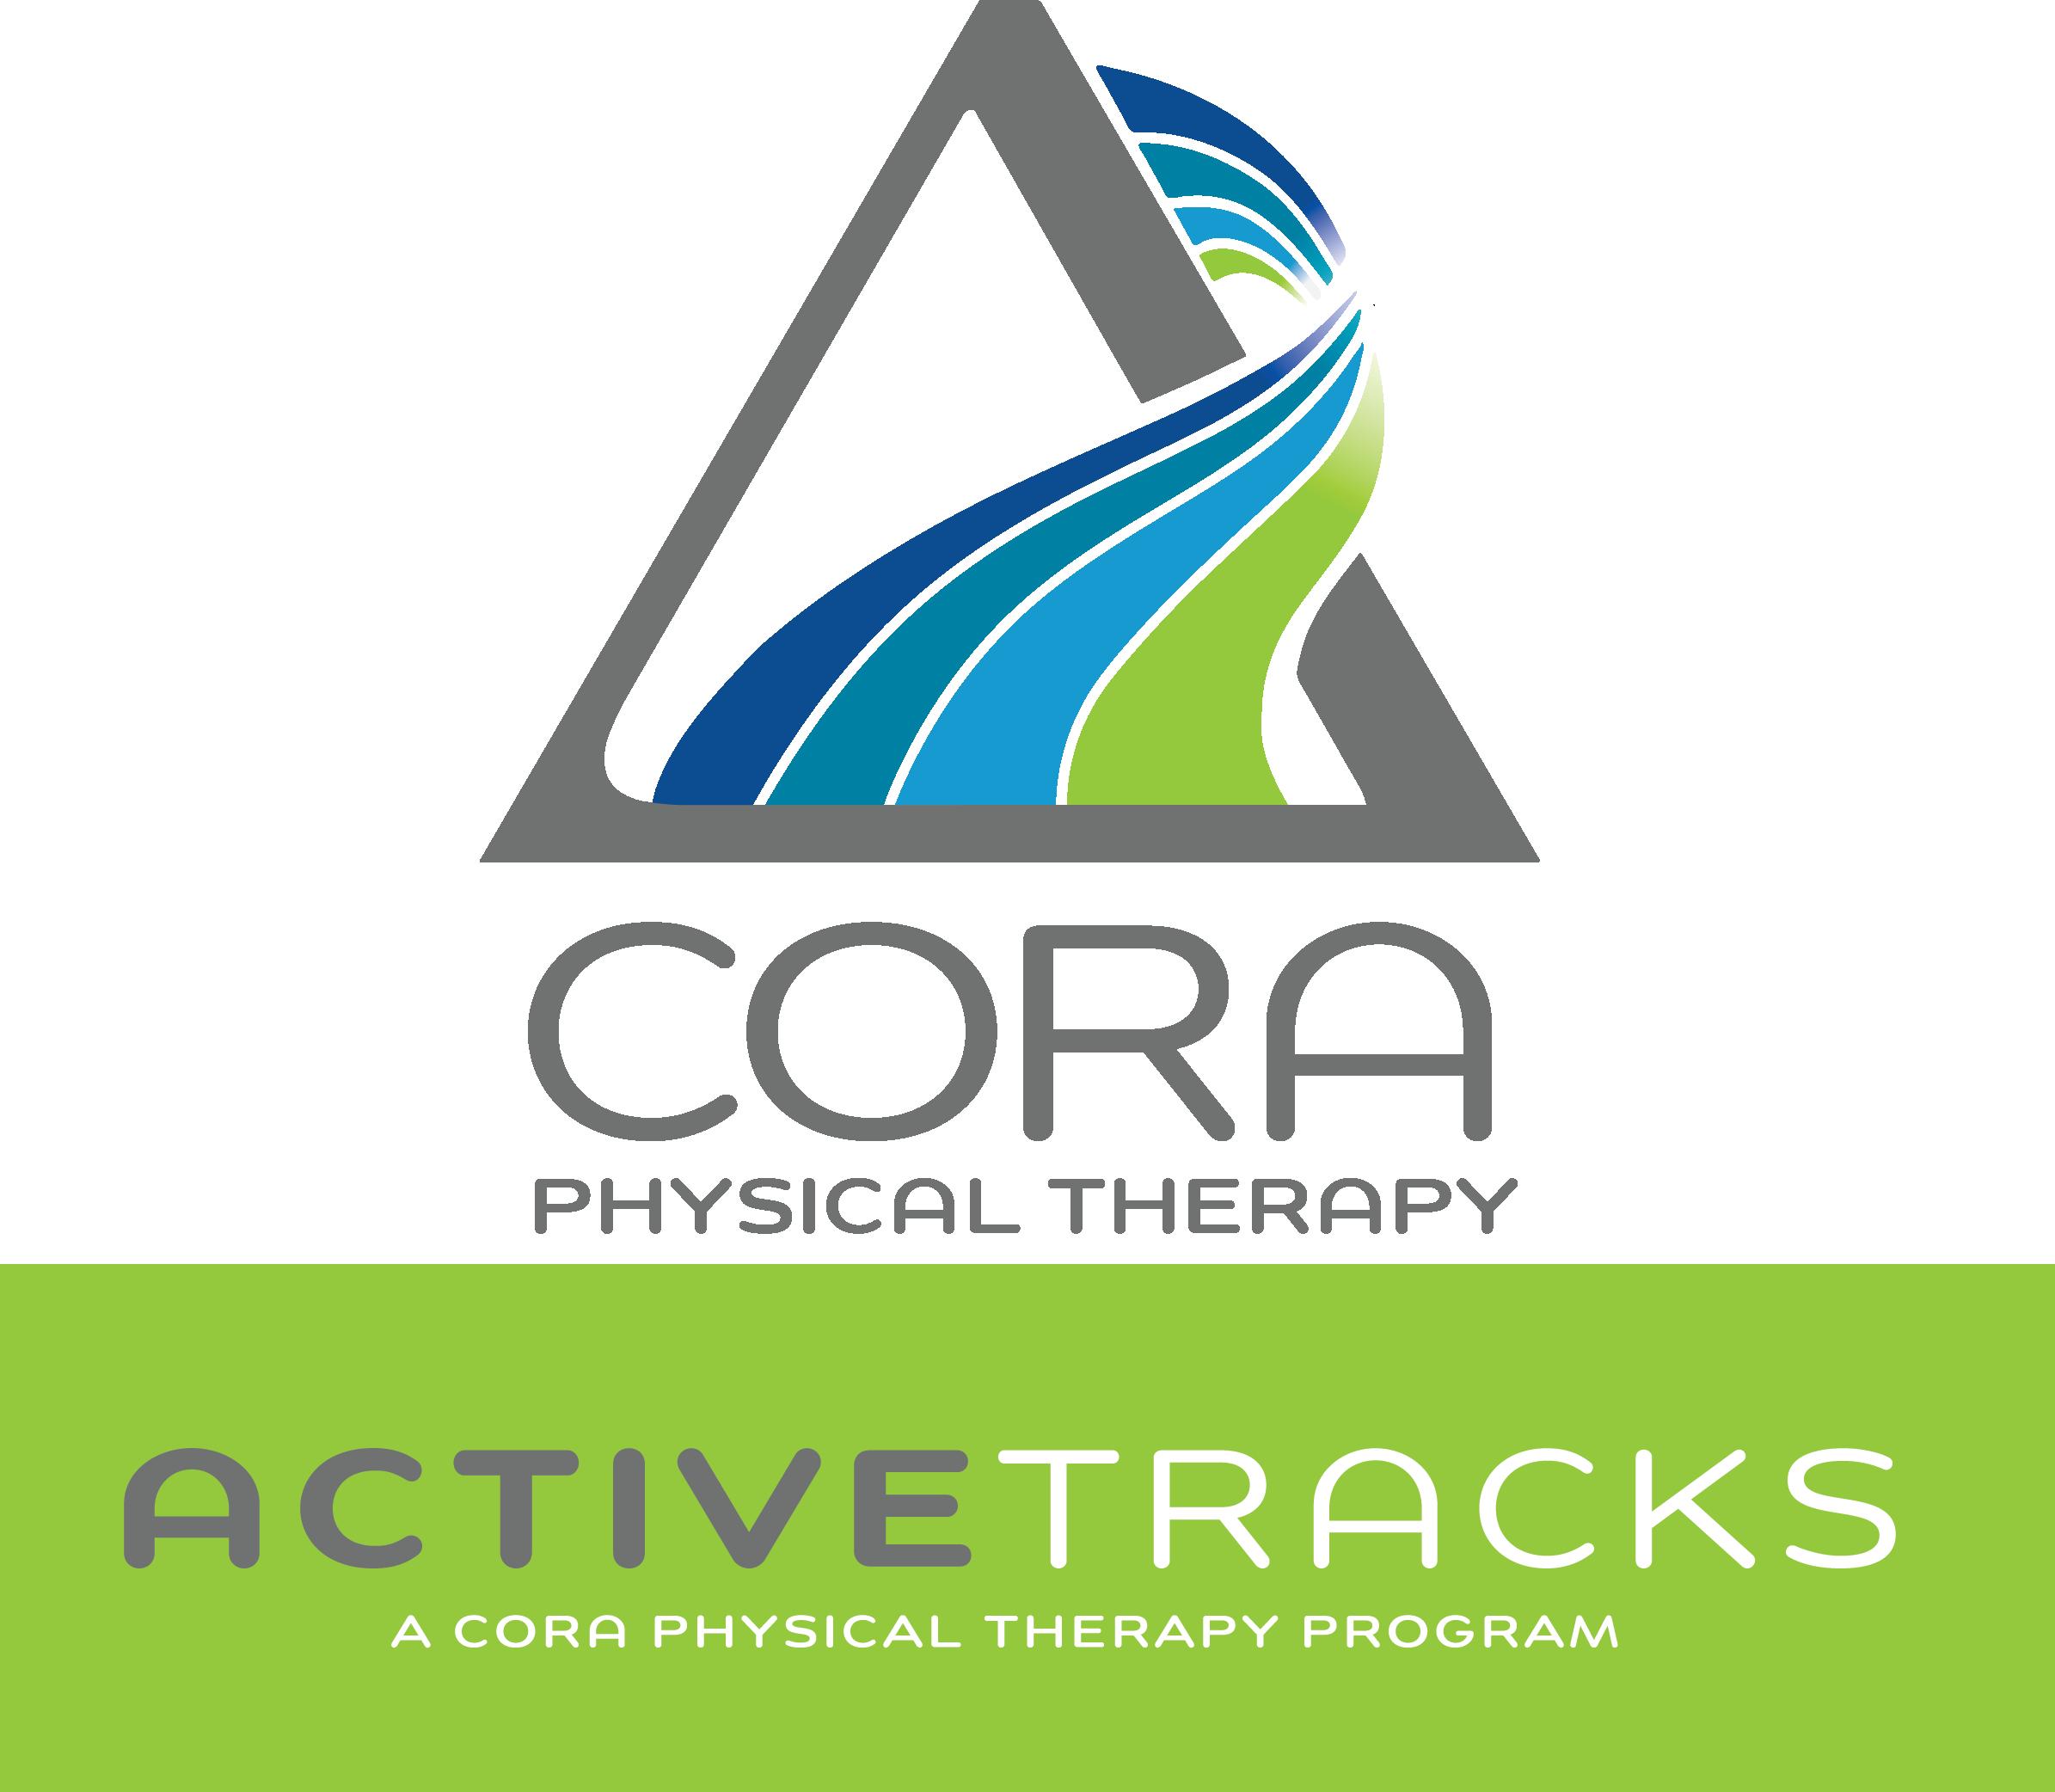 CORA_ActiveTracks full color logo.png